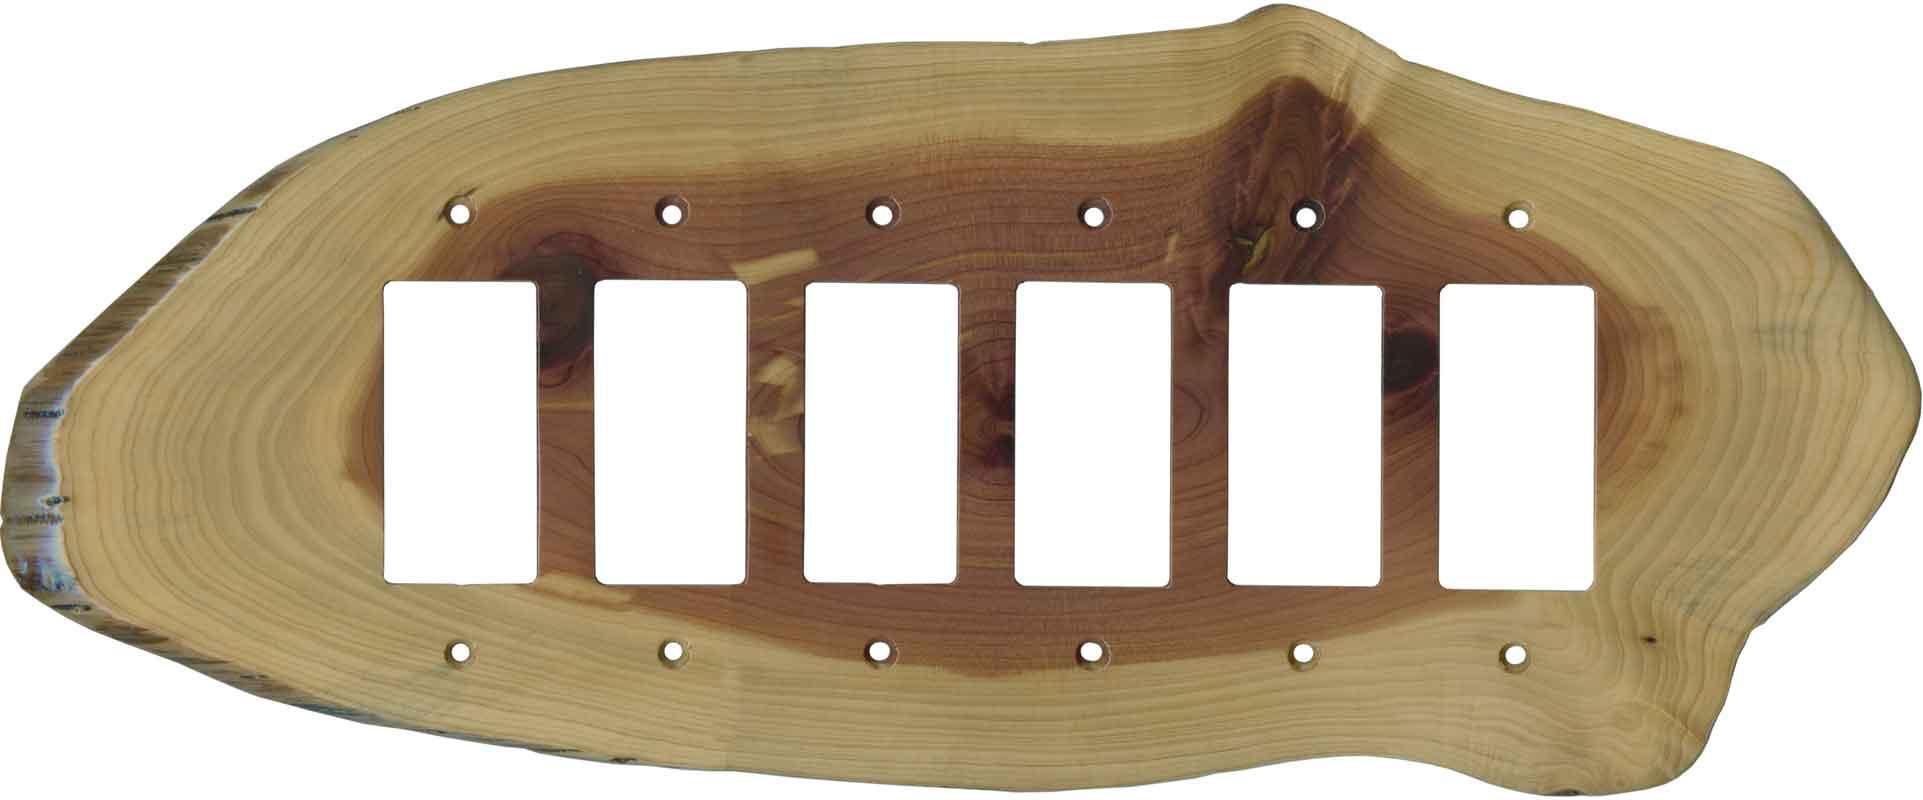 Red Cedar Slice- 6 GFI Rocker Decora